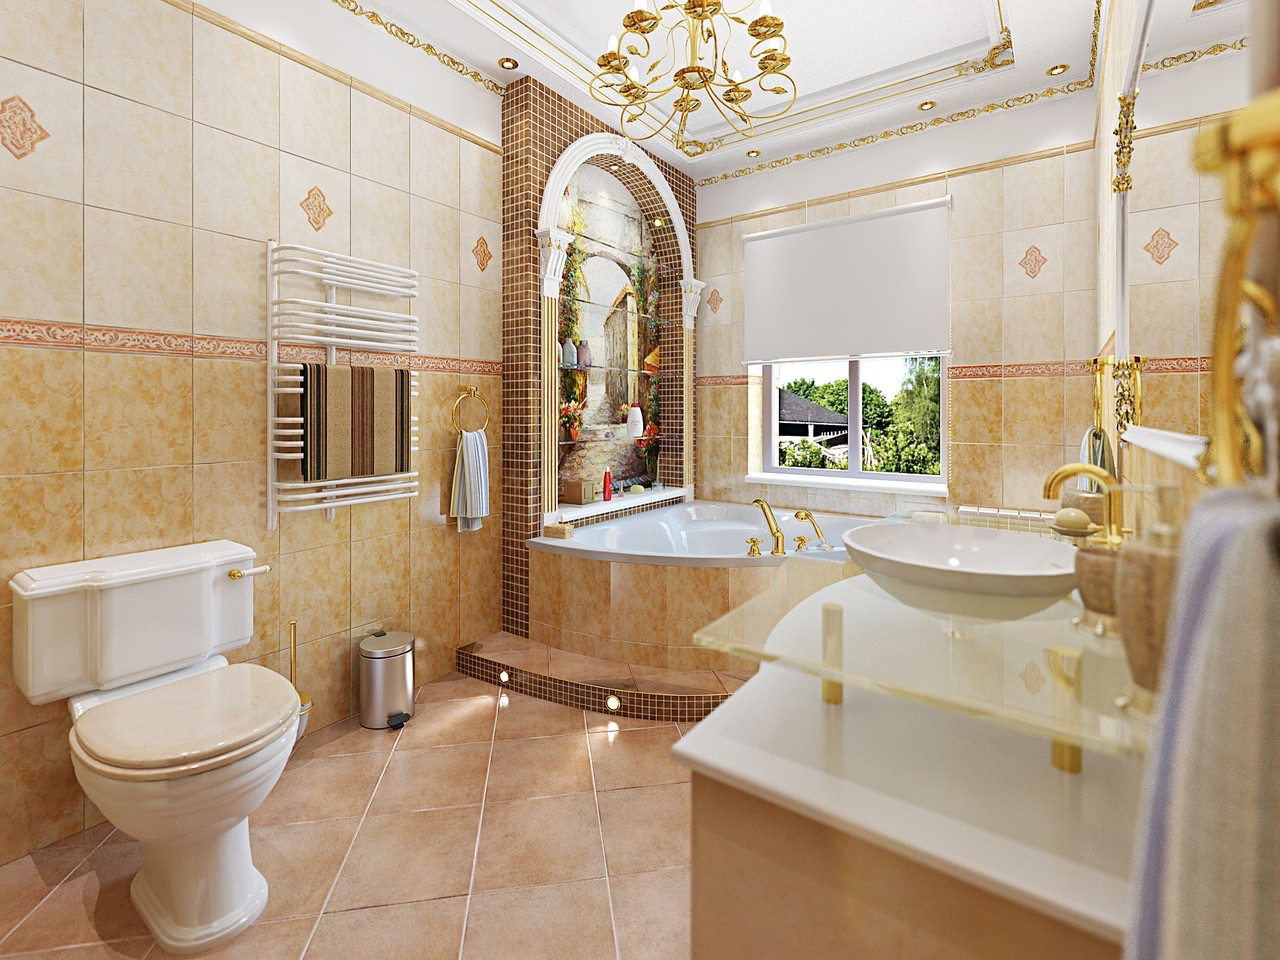 Фото интерьер ванной комнаты в итальянском стиле